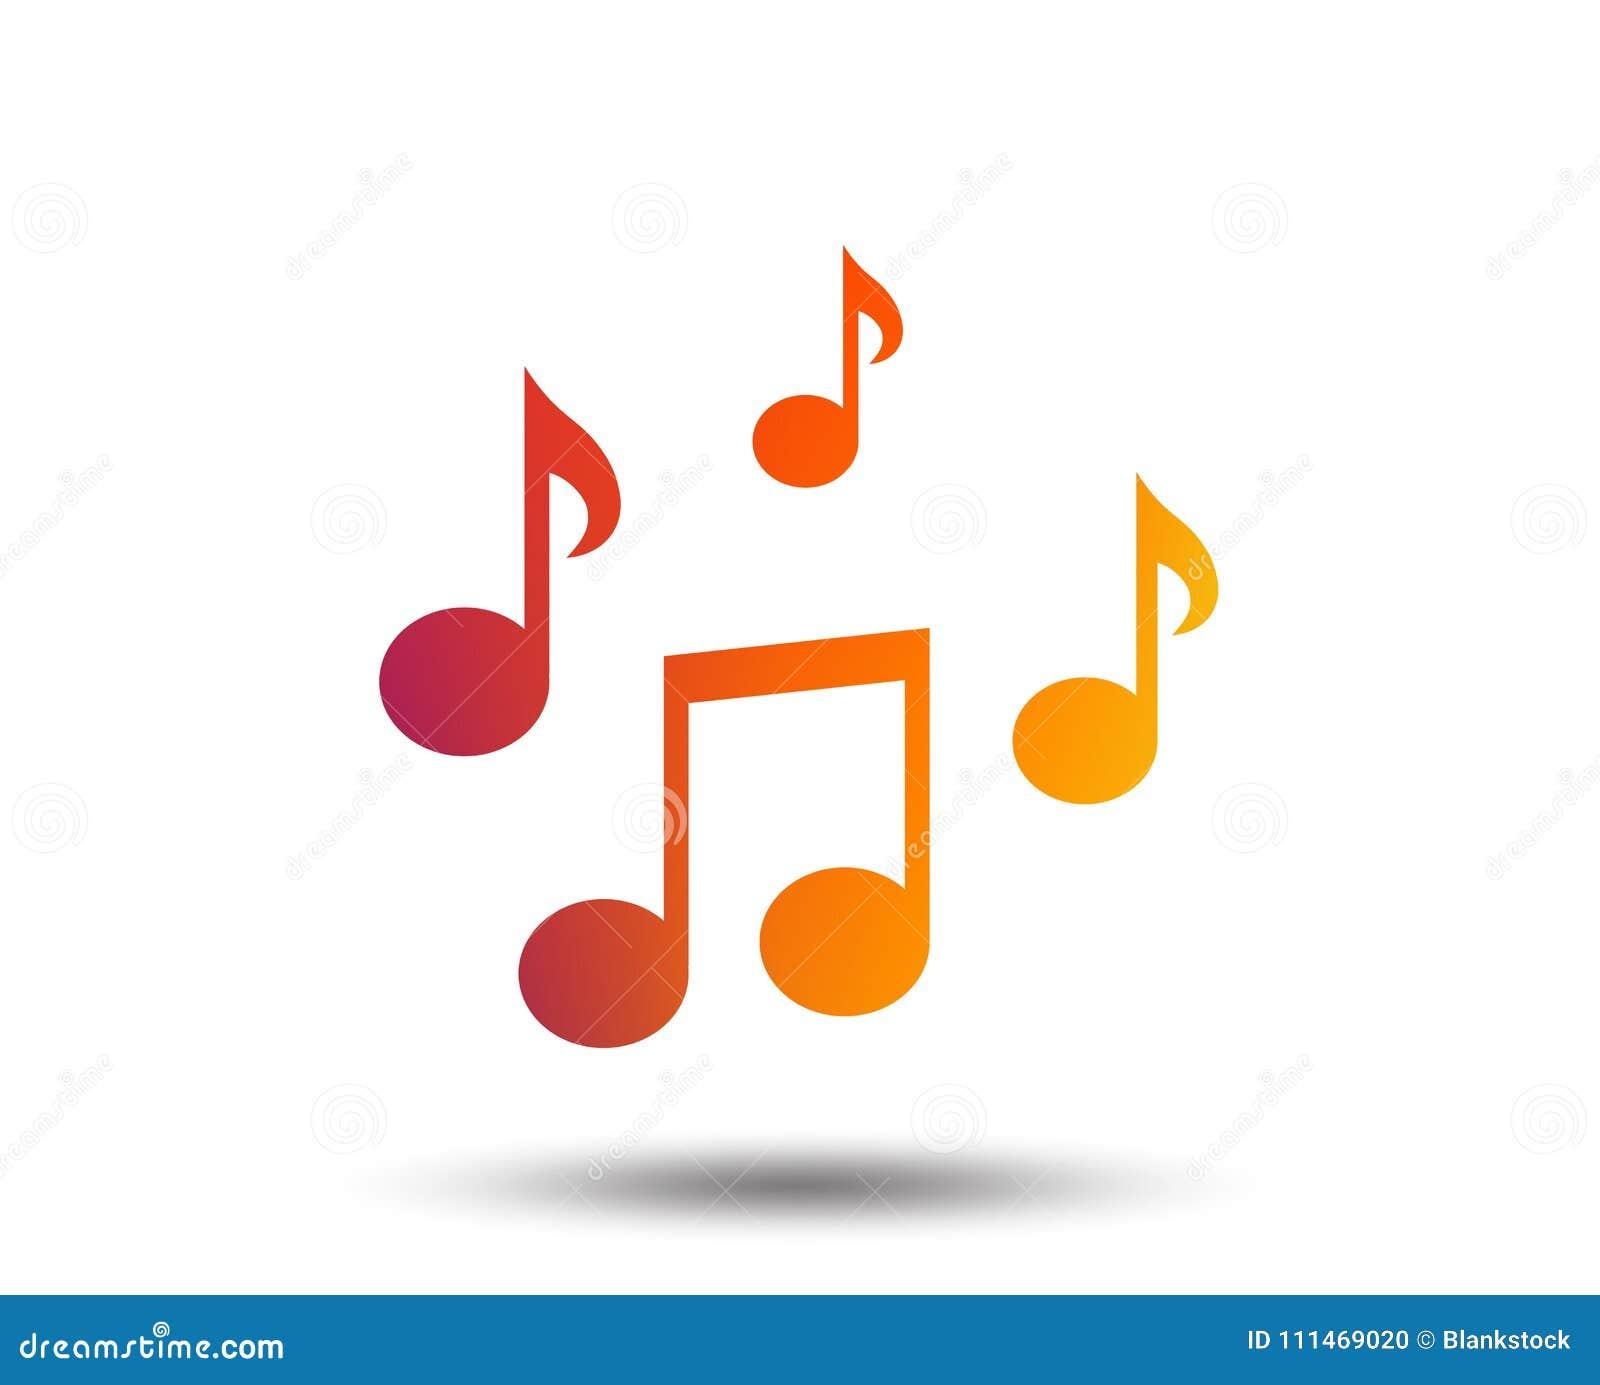 La musique note l'icône de signe Symbole musical